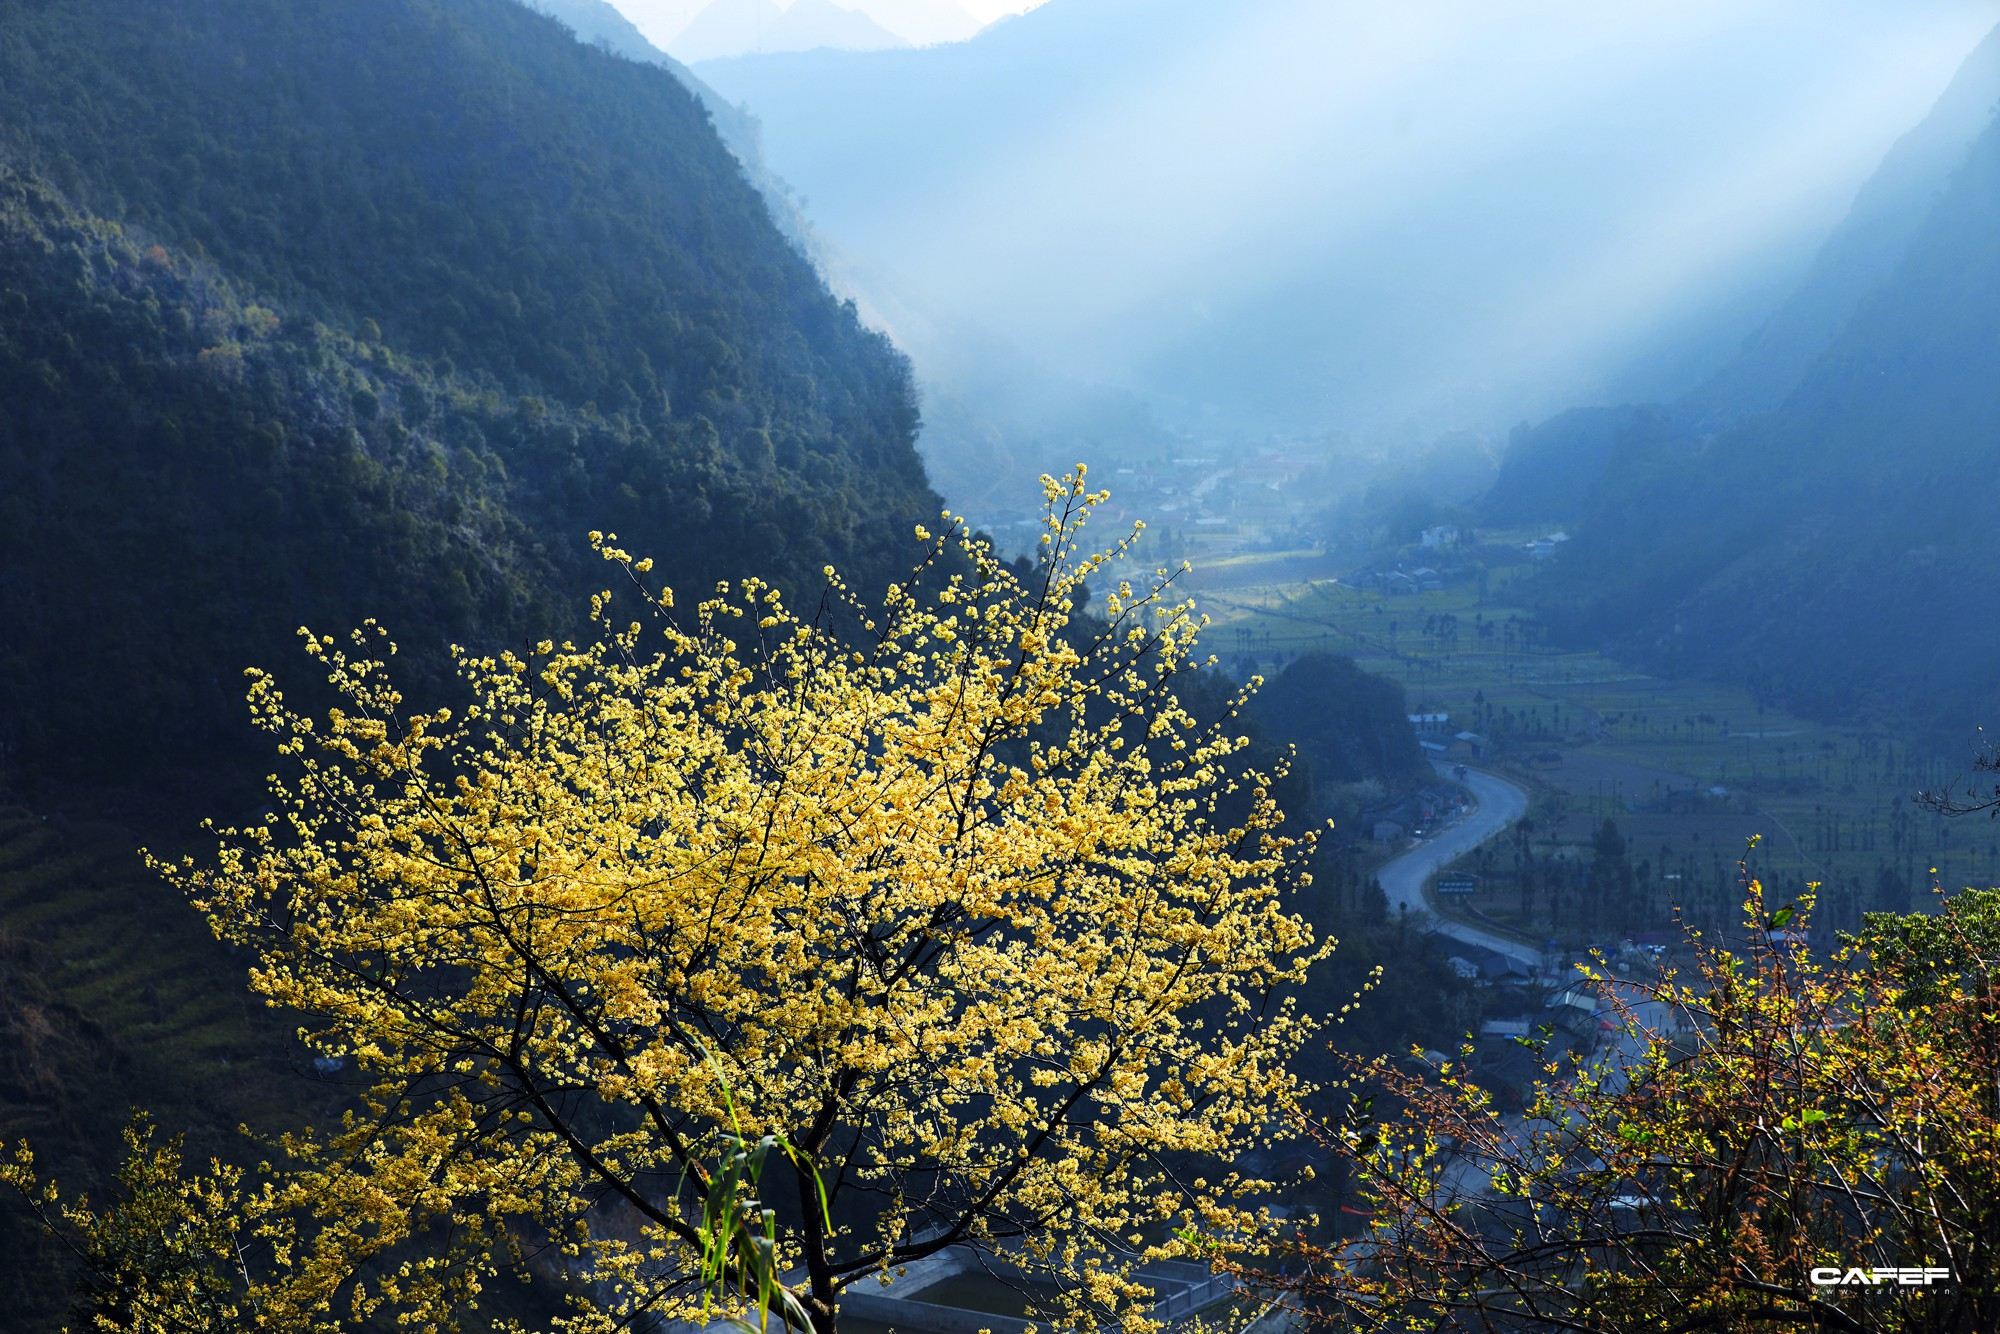 Đến Hà Giang mùa xuân, ngẩn ngơ xem đá nở hoa - Ảnh 12.